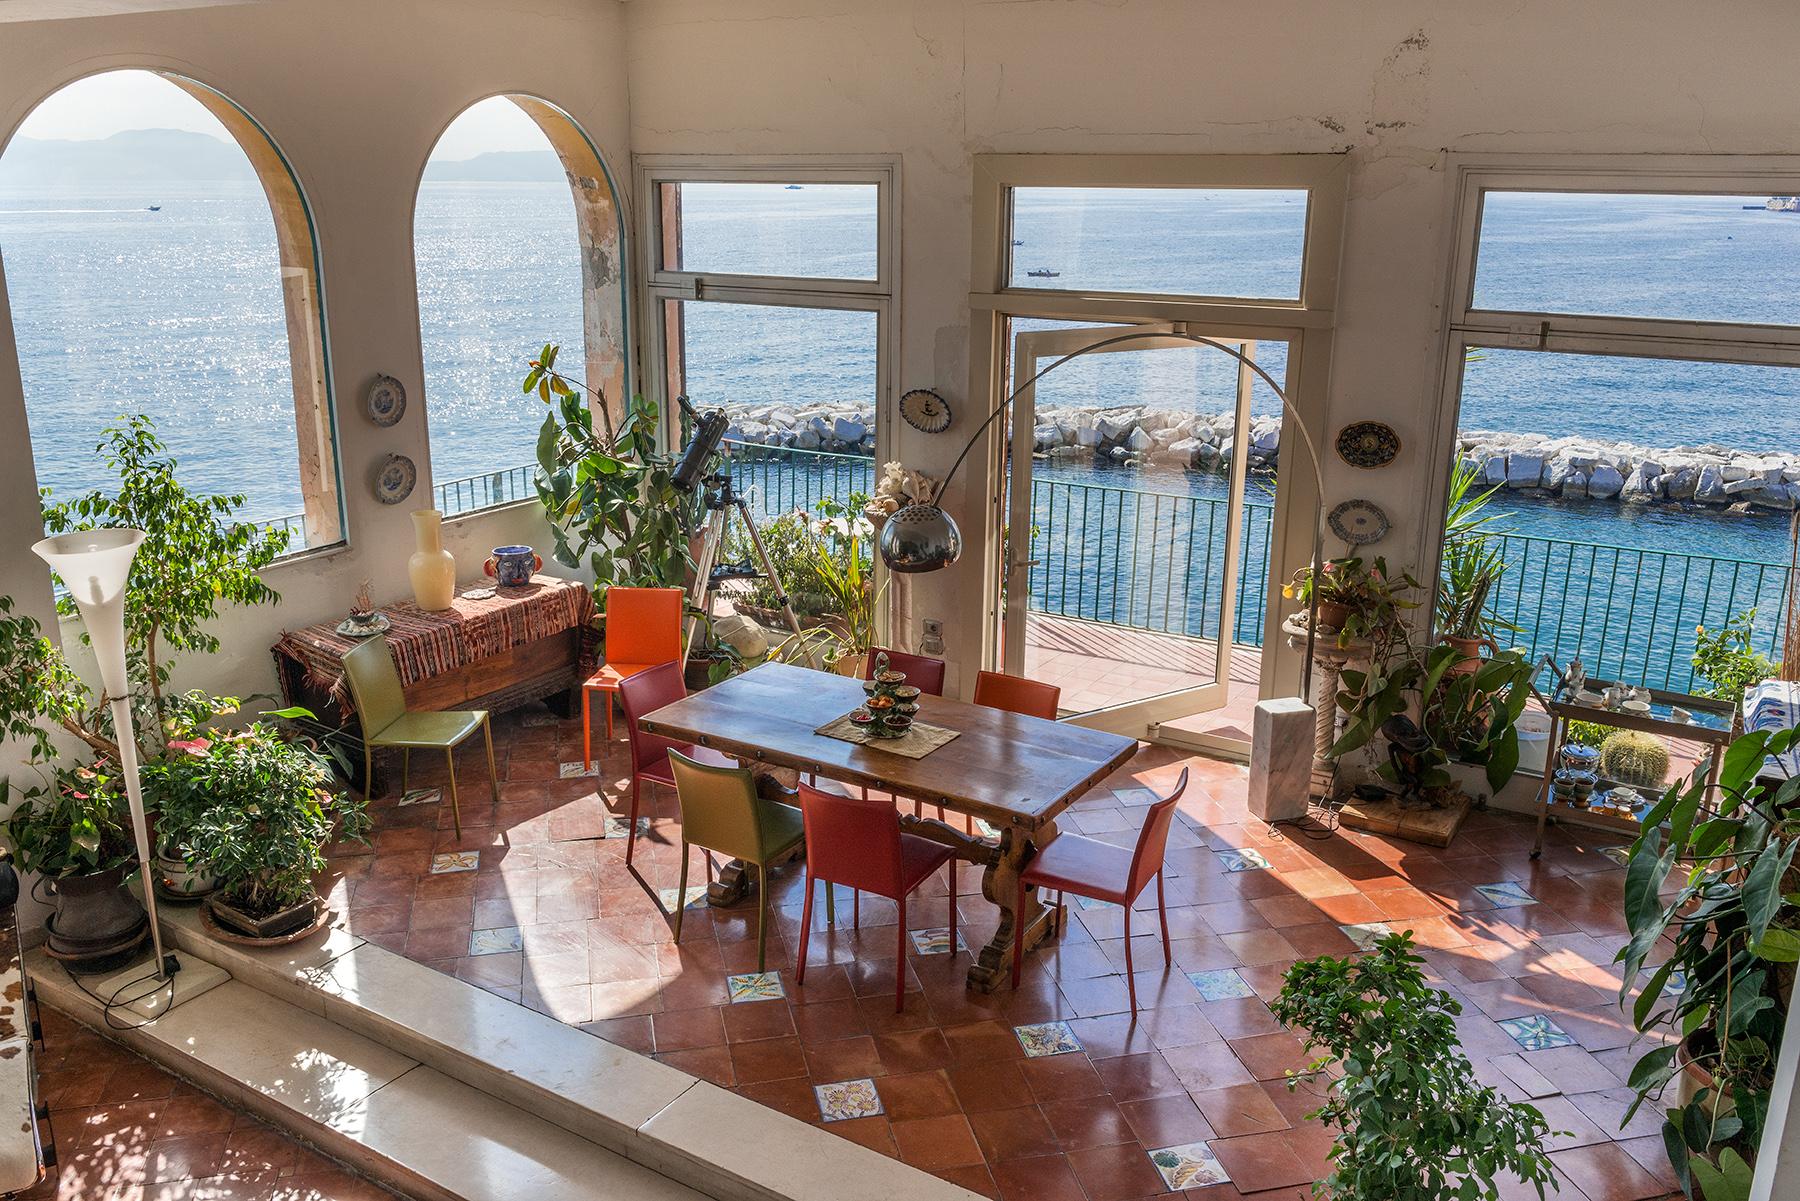 Attico in Vendita a Napoli: 5 locali, 650 mq - Foto 3